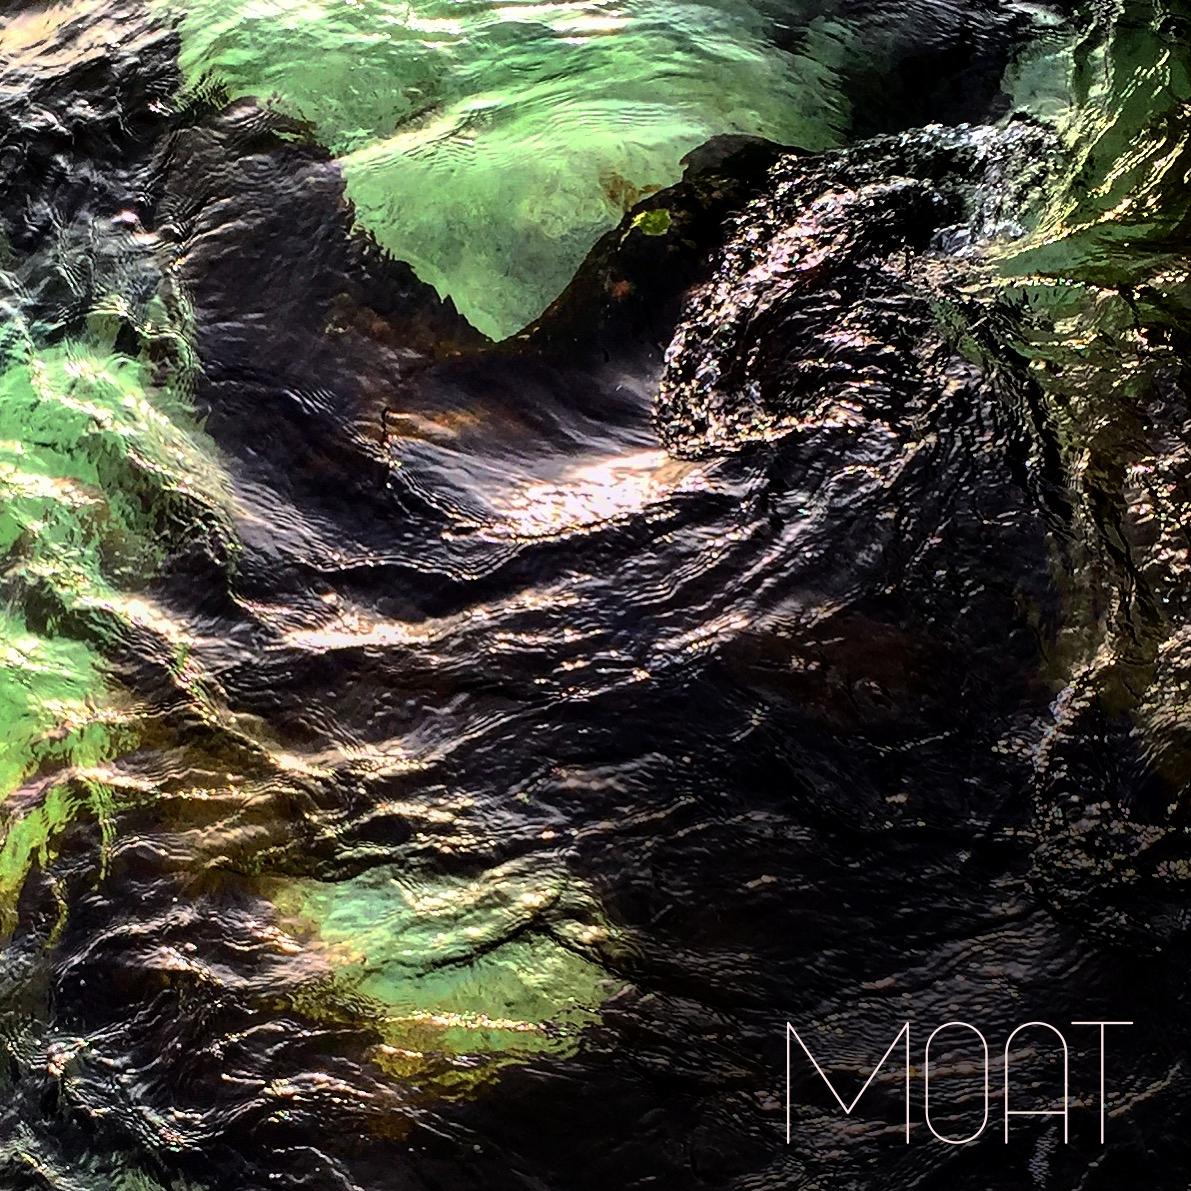 MOAT Poison Stream